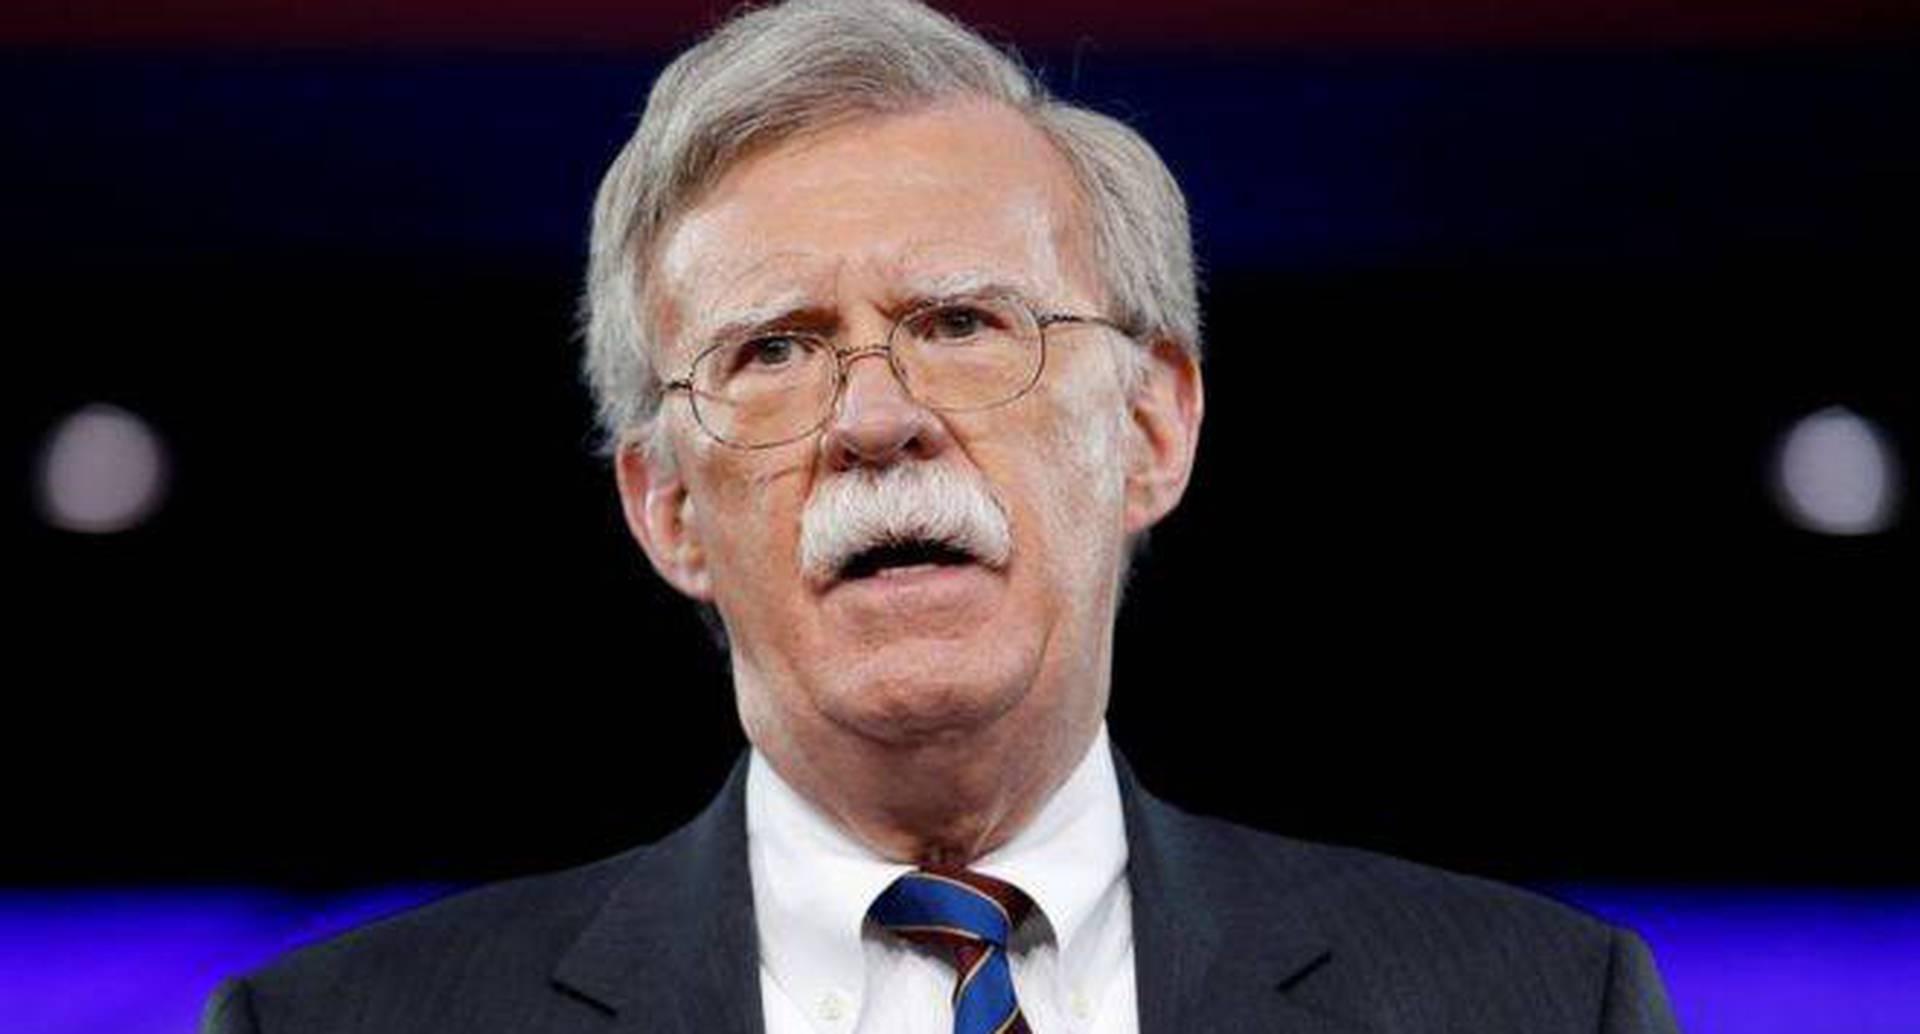 John Bolton recientemente publicó un libro en el que cuenta los movimientos en la Casa Blanca durante su periodo como funcionario.